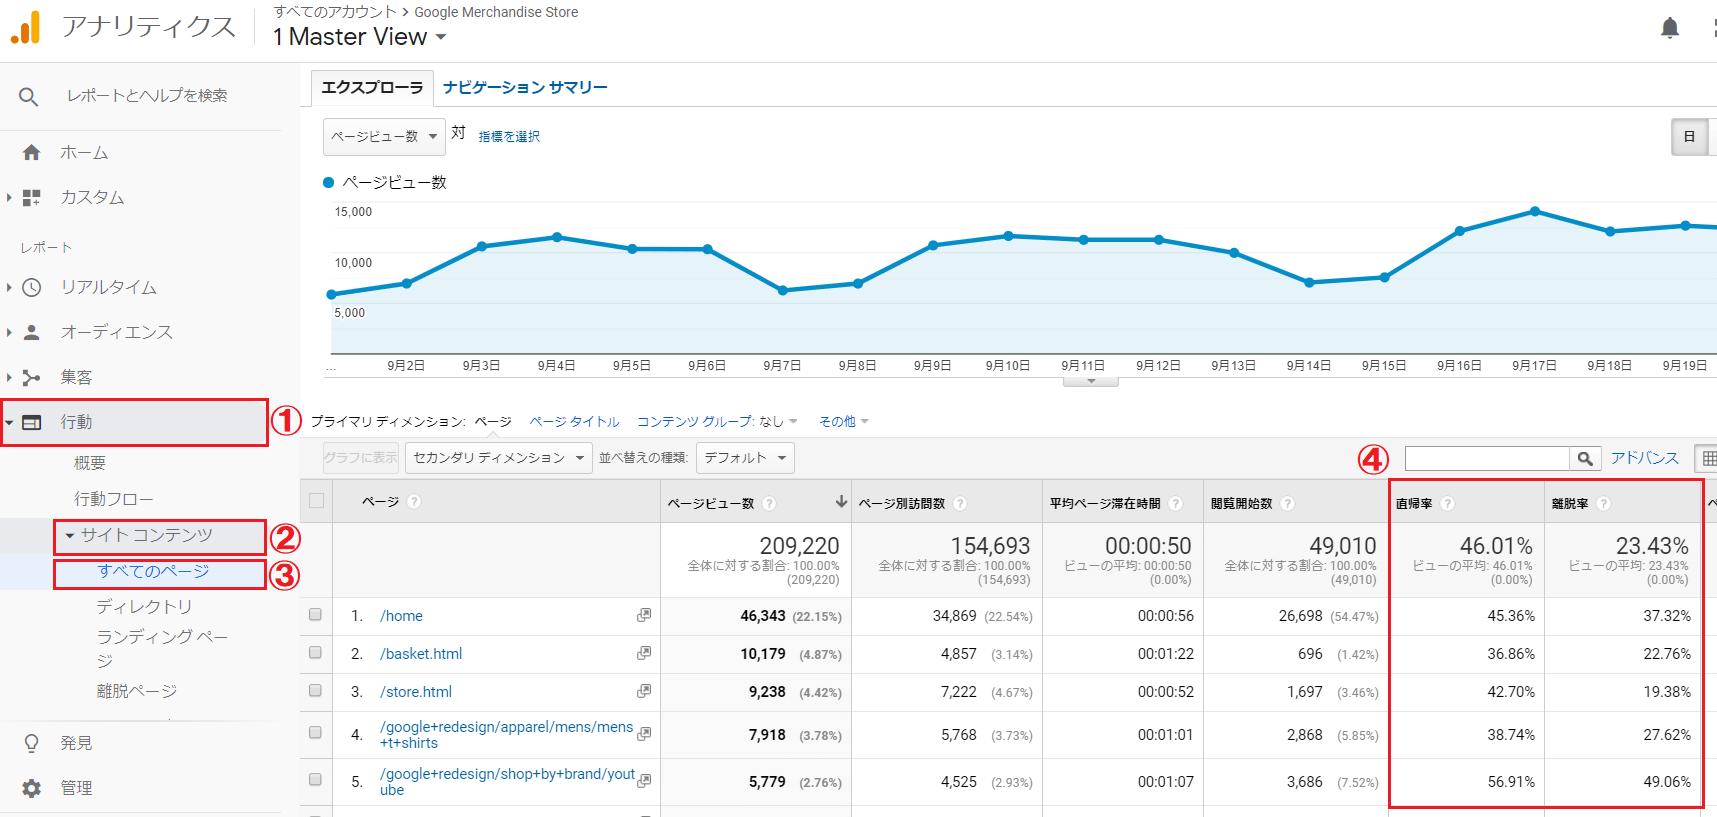 サイトでそれぞれの数値を確認する⽅法